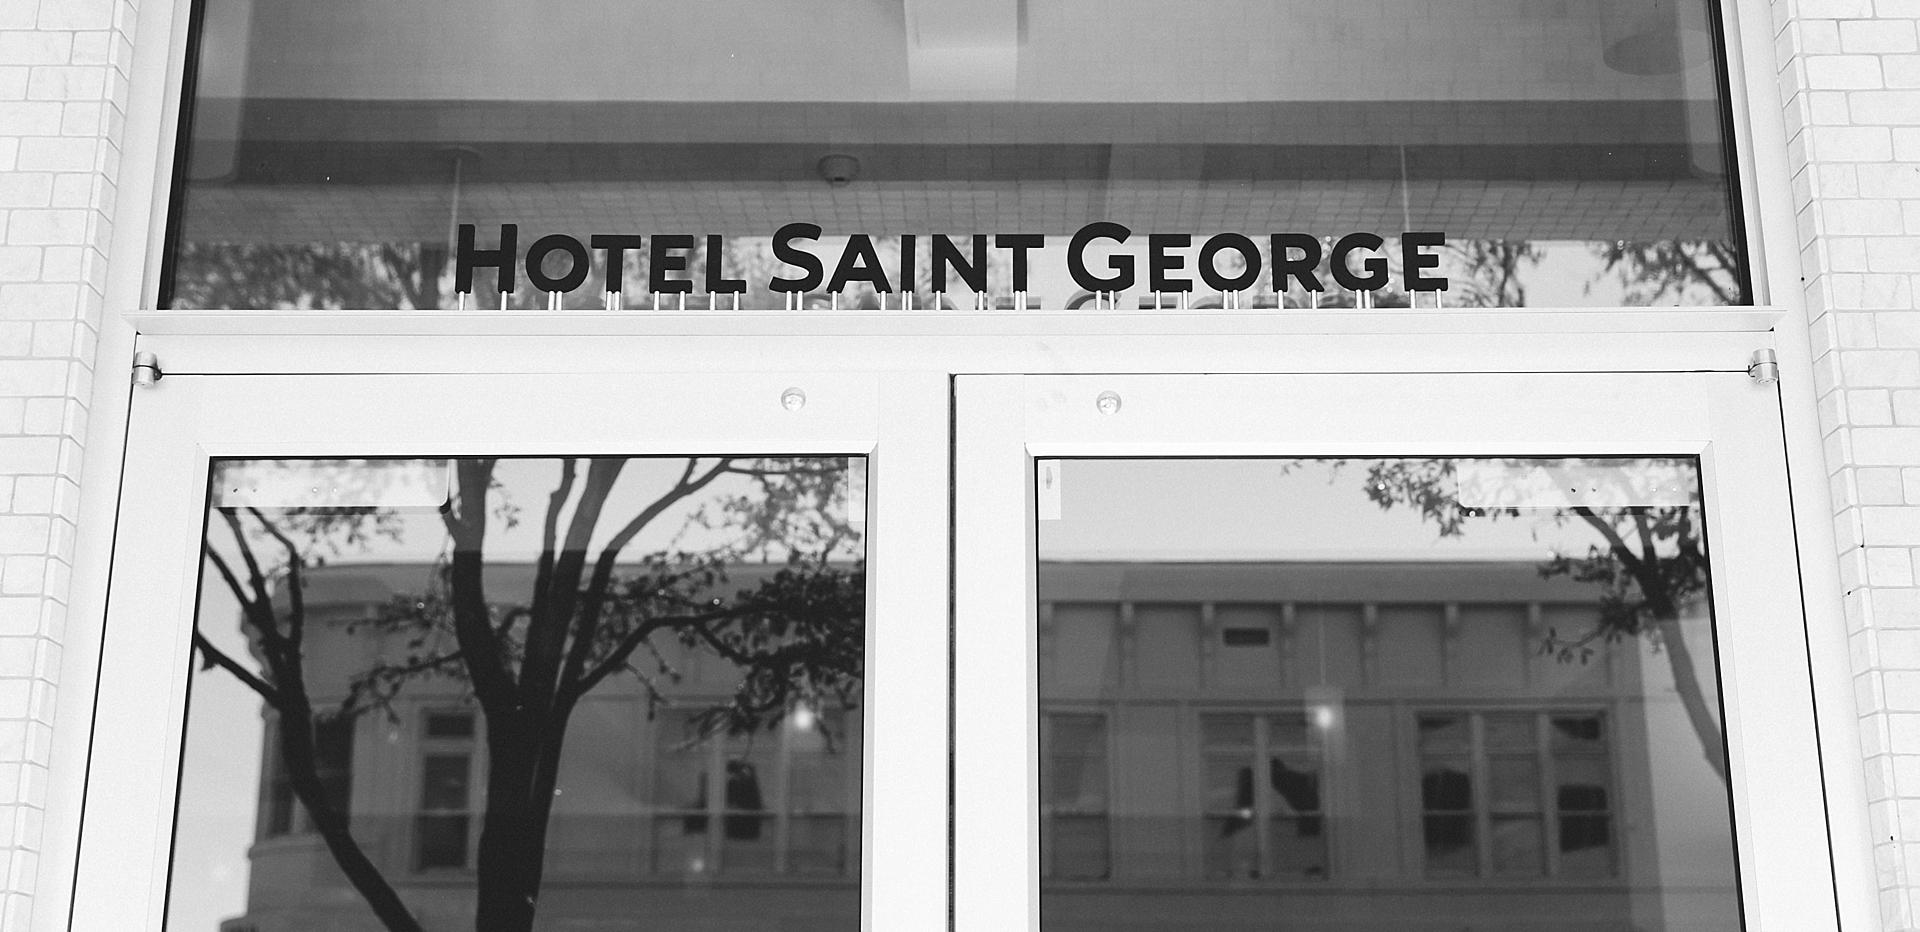 hotel saint george marfa